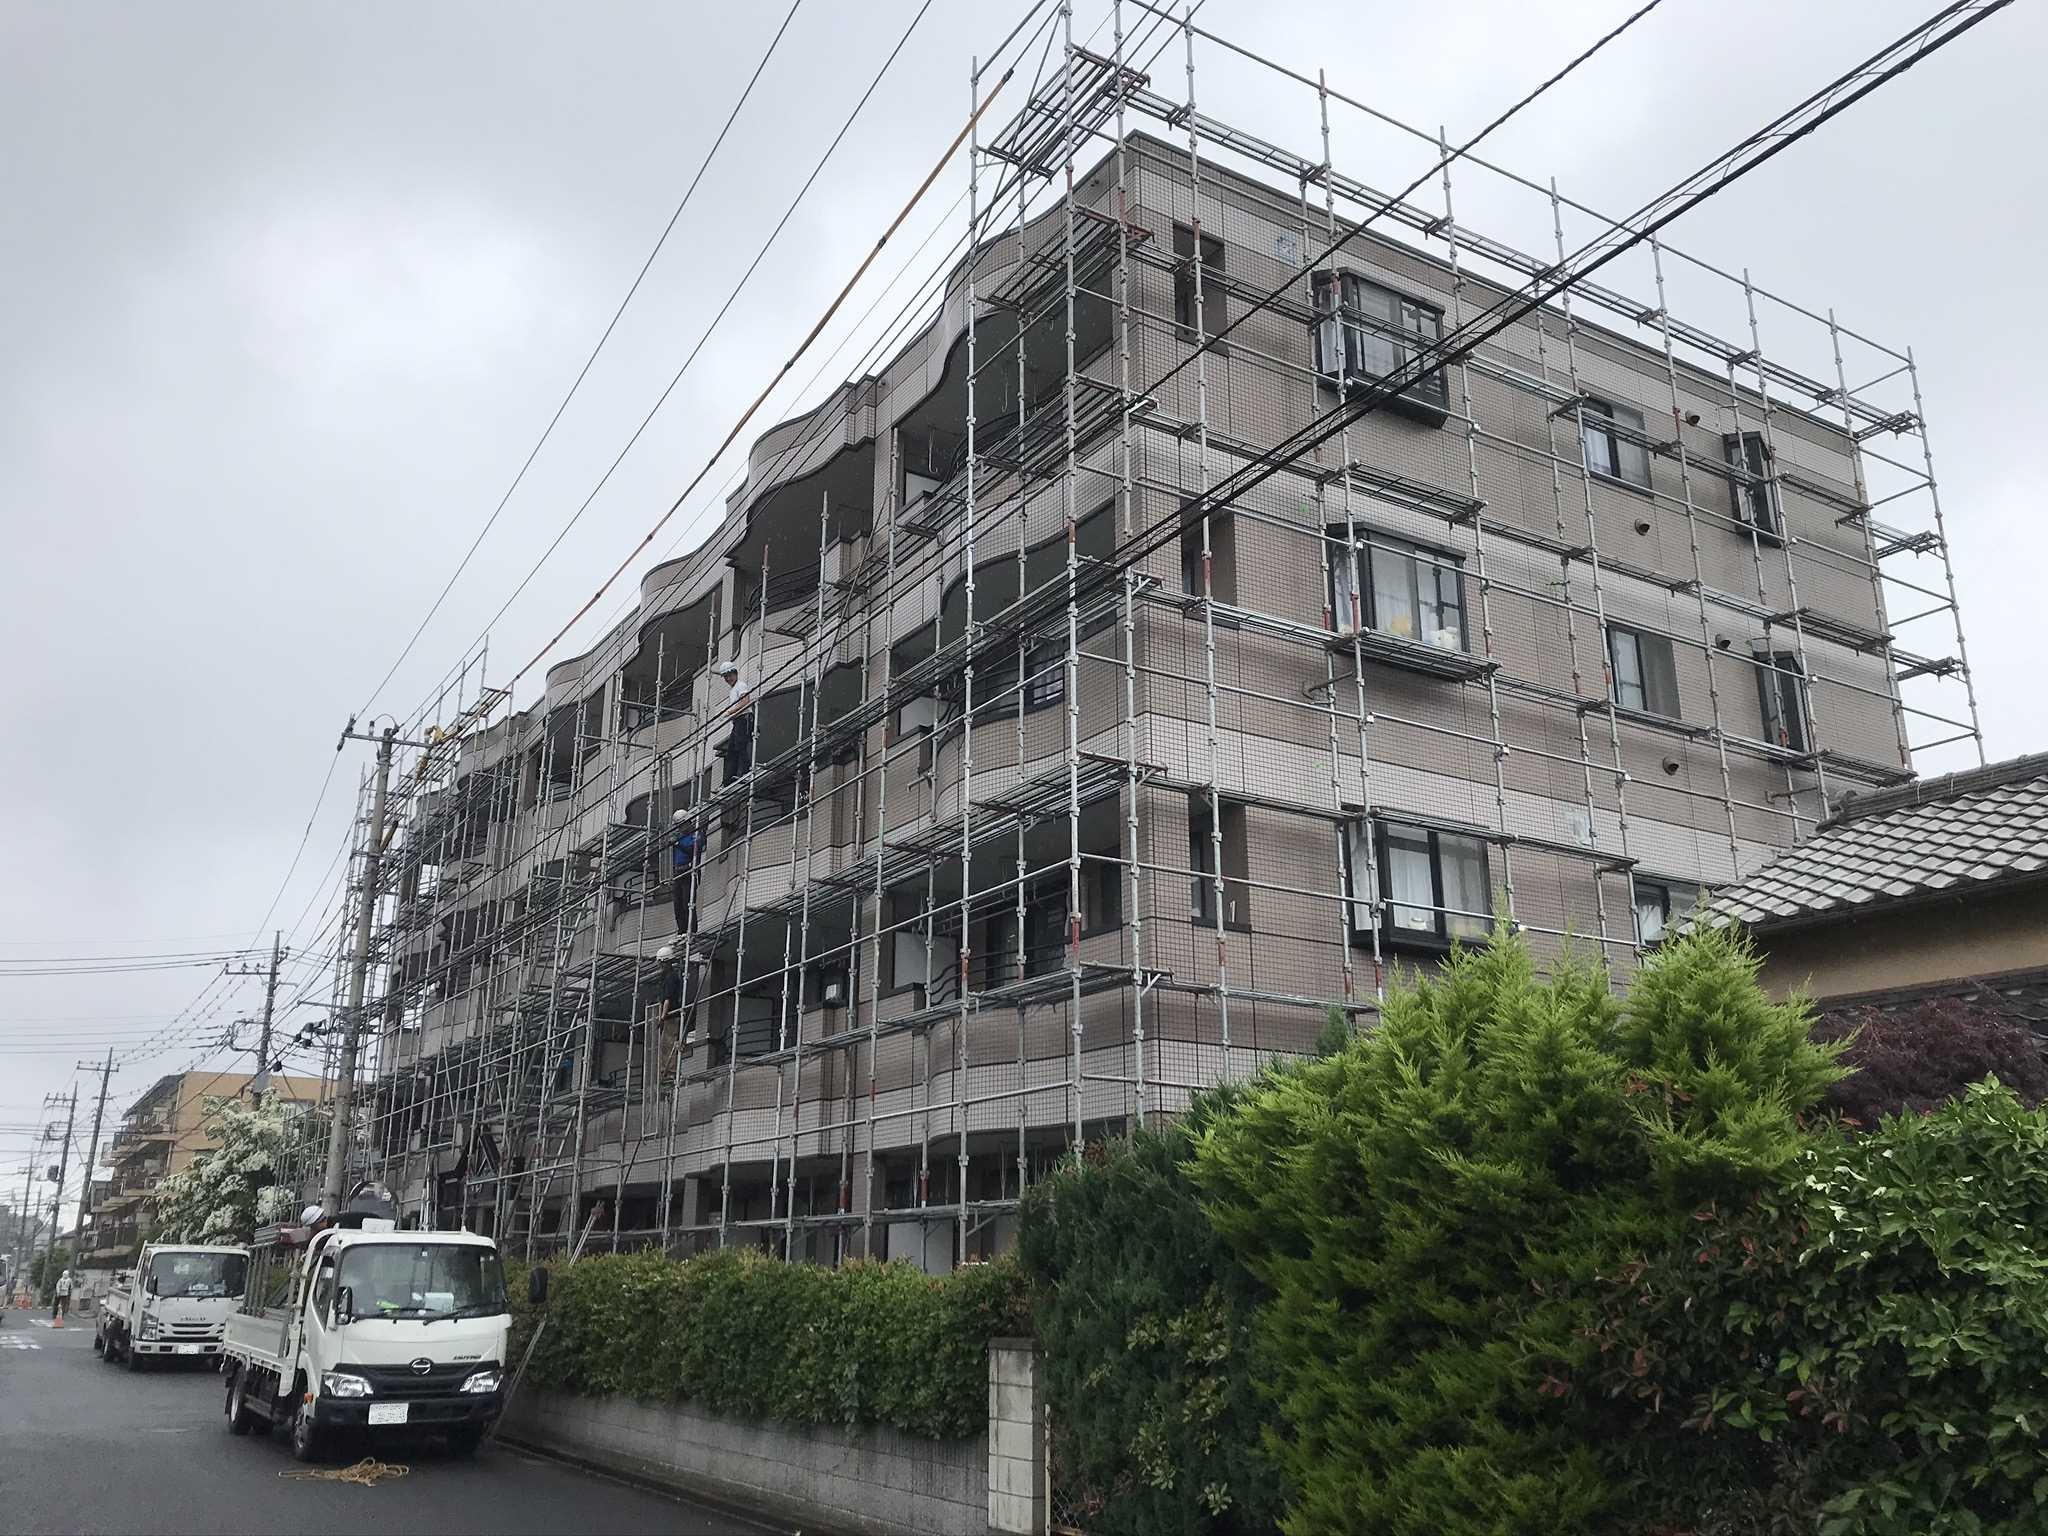 さいたま市北区マンションタイル補修・塗装工事終了し足場解体作業南西角